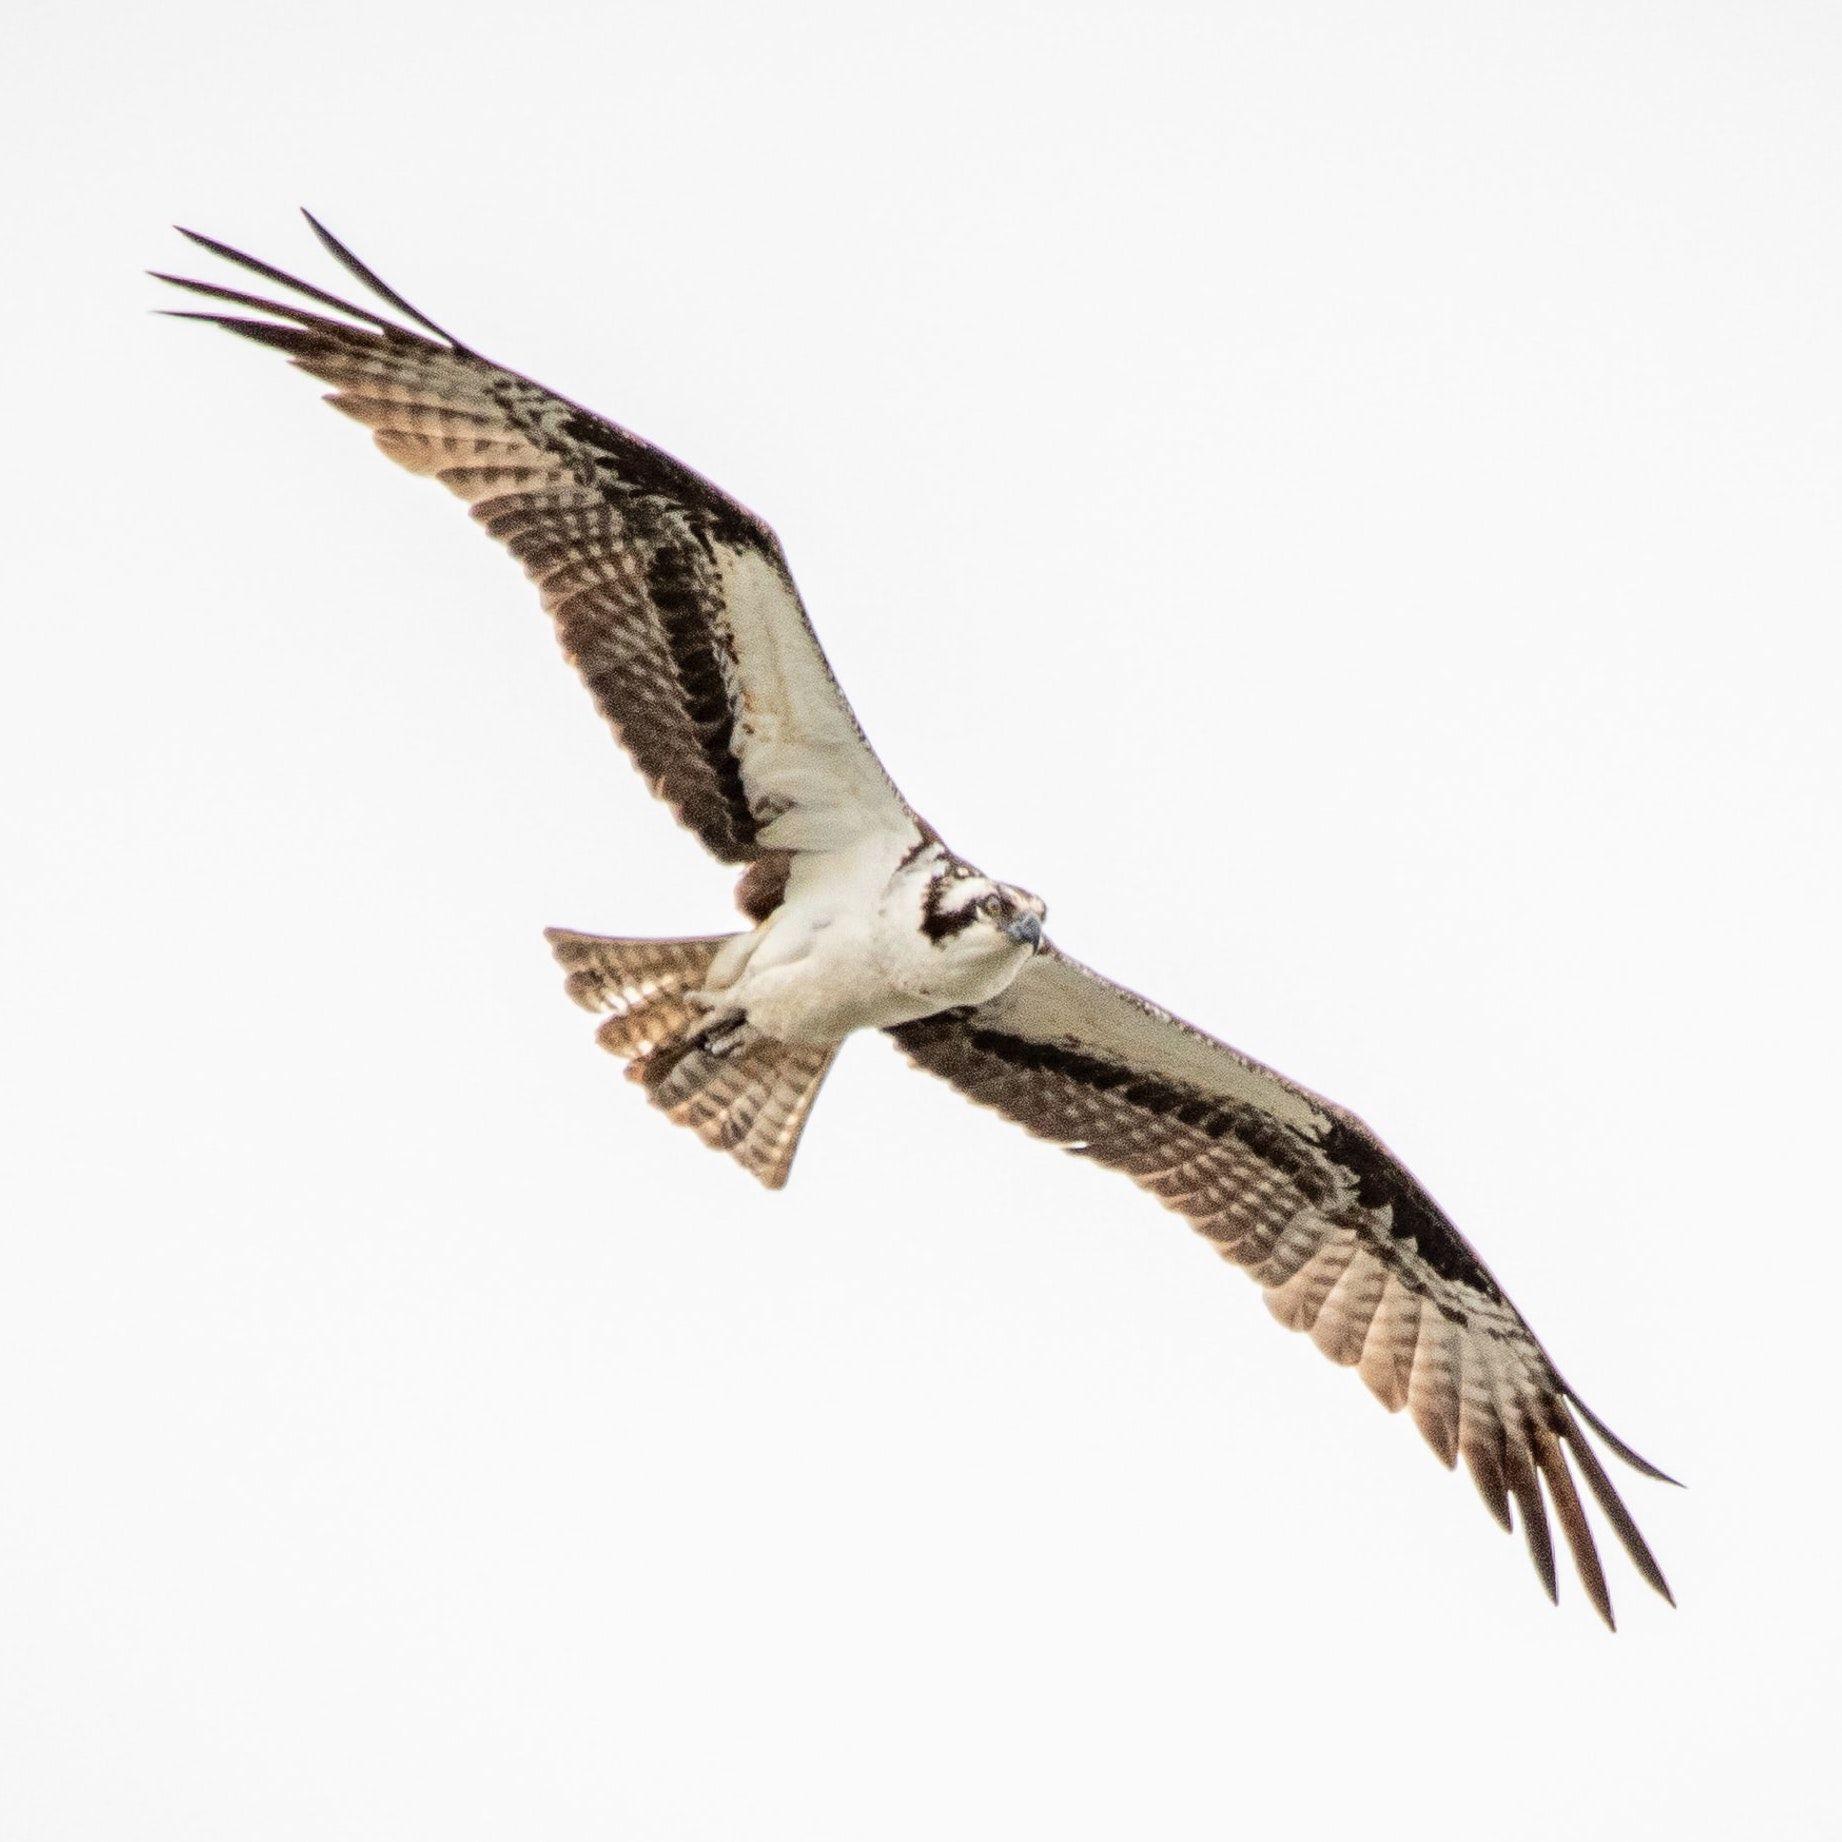 UK Osprey News